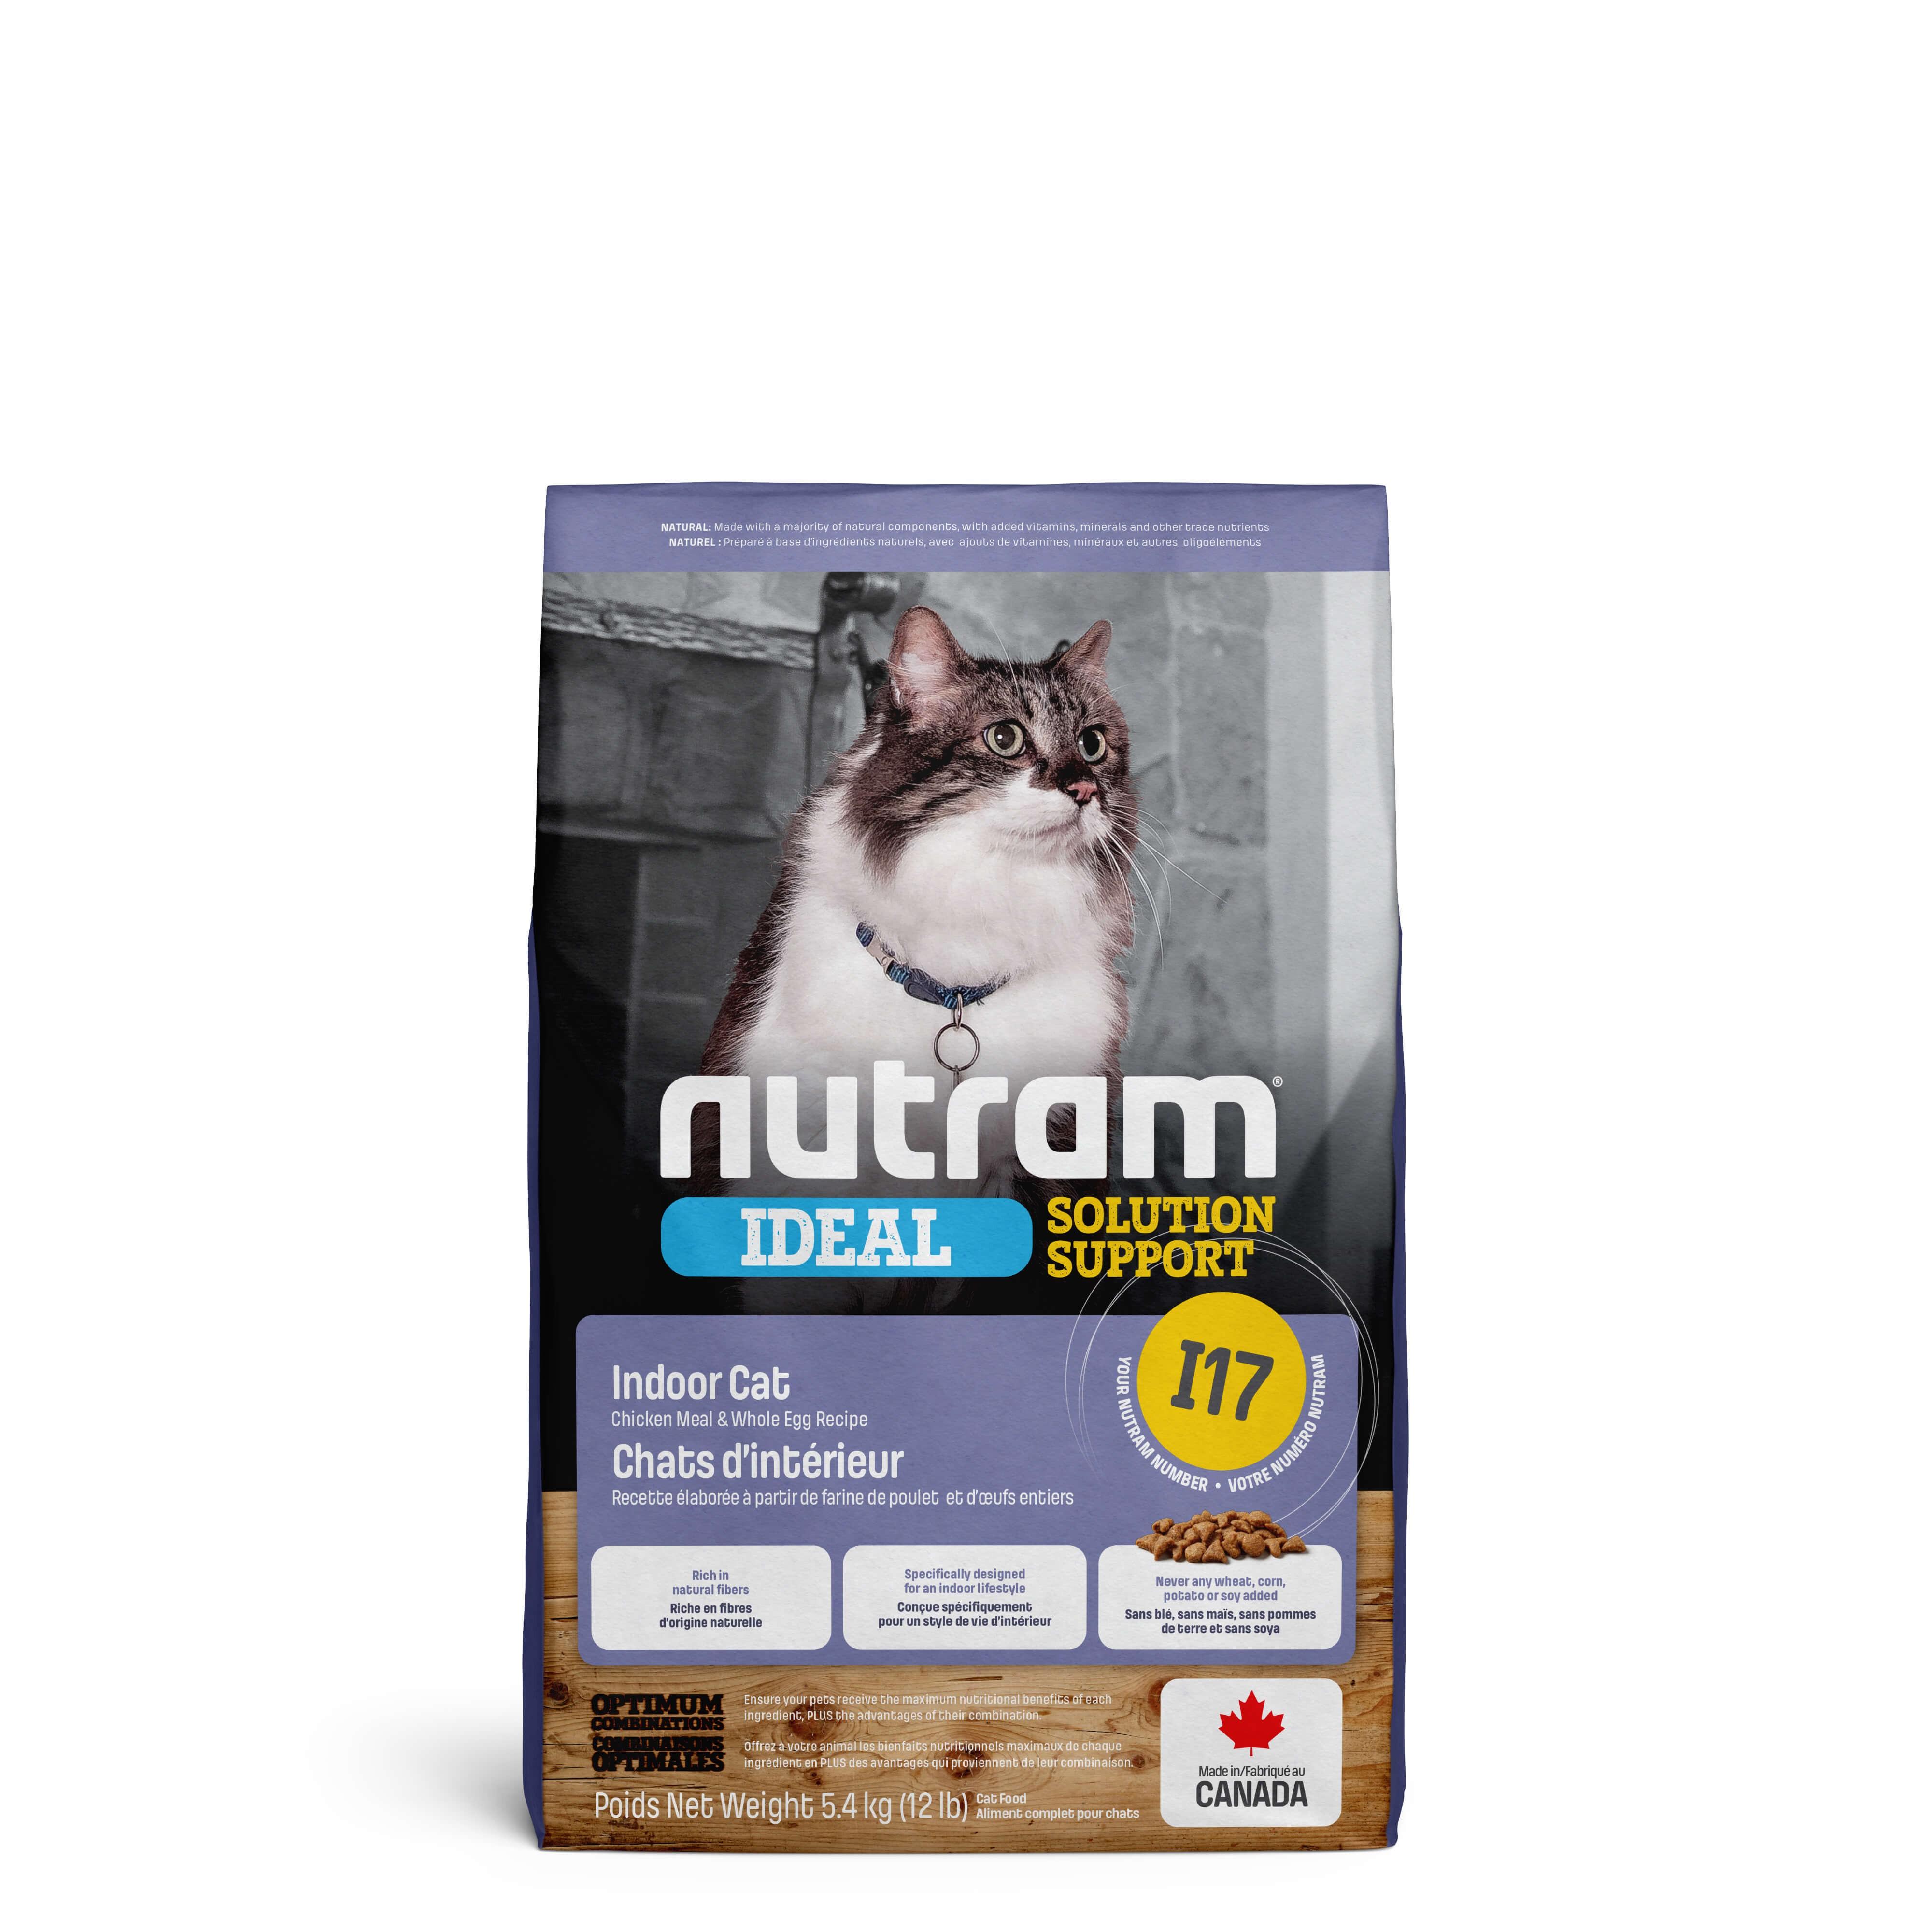 Nutram Ideal Solution Support Indoor Shedding I17 kat OP is OP